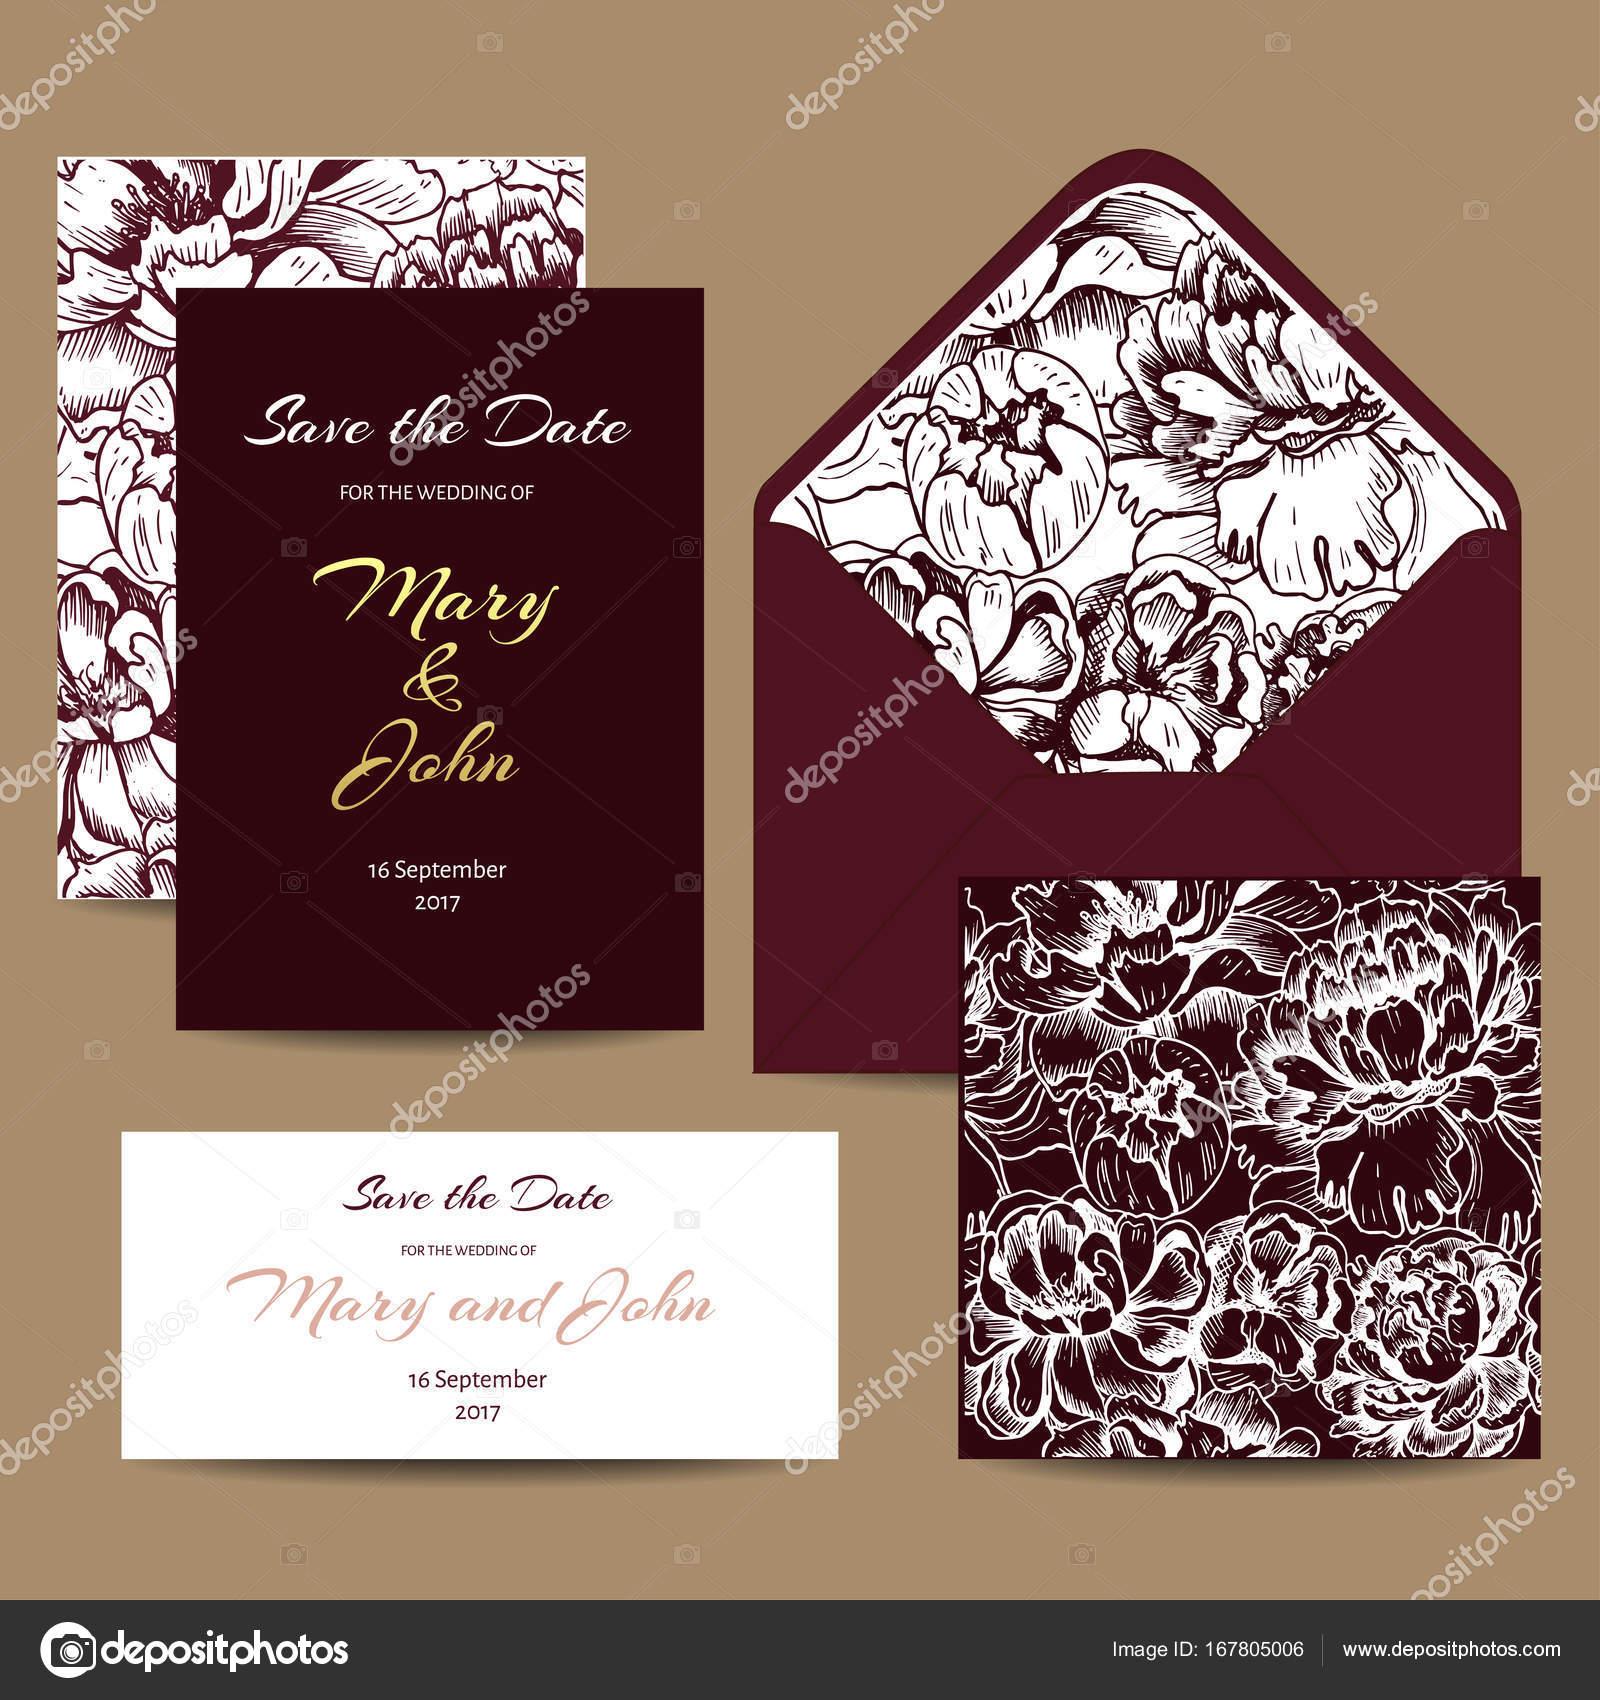 Un Ensemble De Cartes Dinvitation Pour Le Mariage Postales Avec Ornement Floral Enveloppe Voeux Carte Visite Fond Transparent Dans